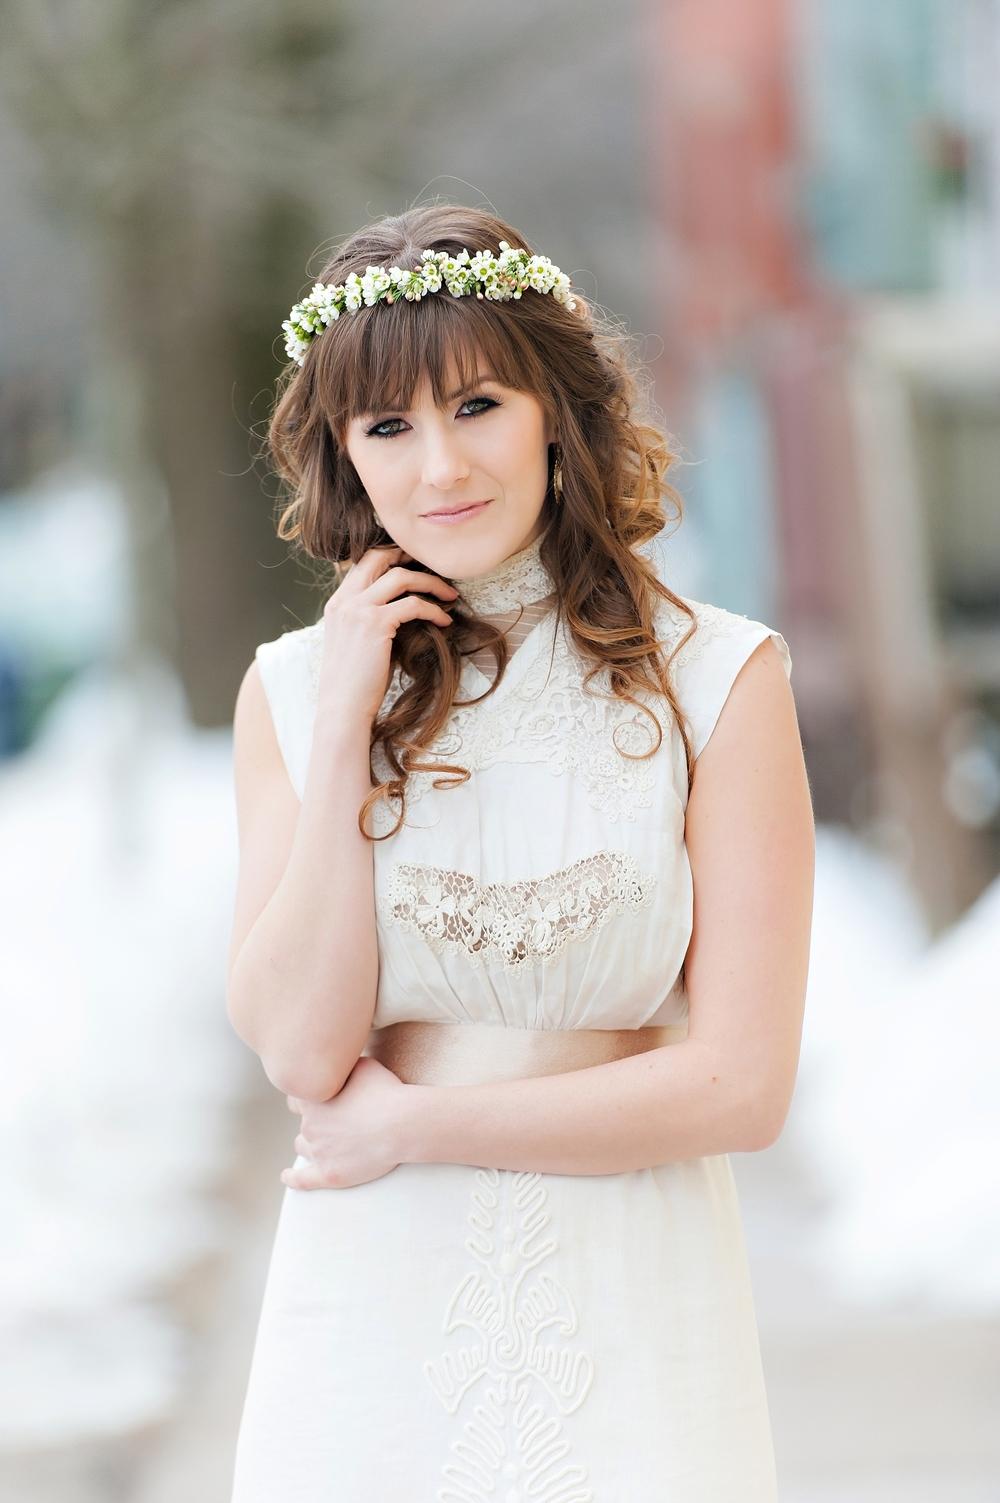 Halifax-Indie-Wedding-Social-models17.jpg